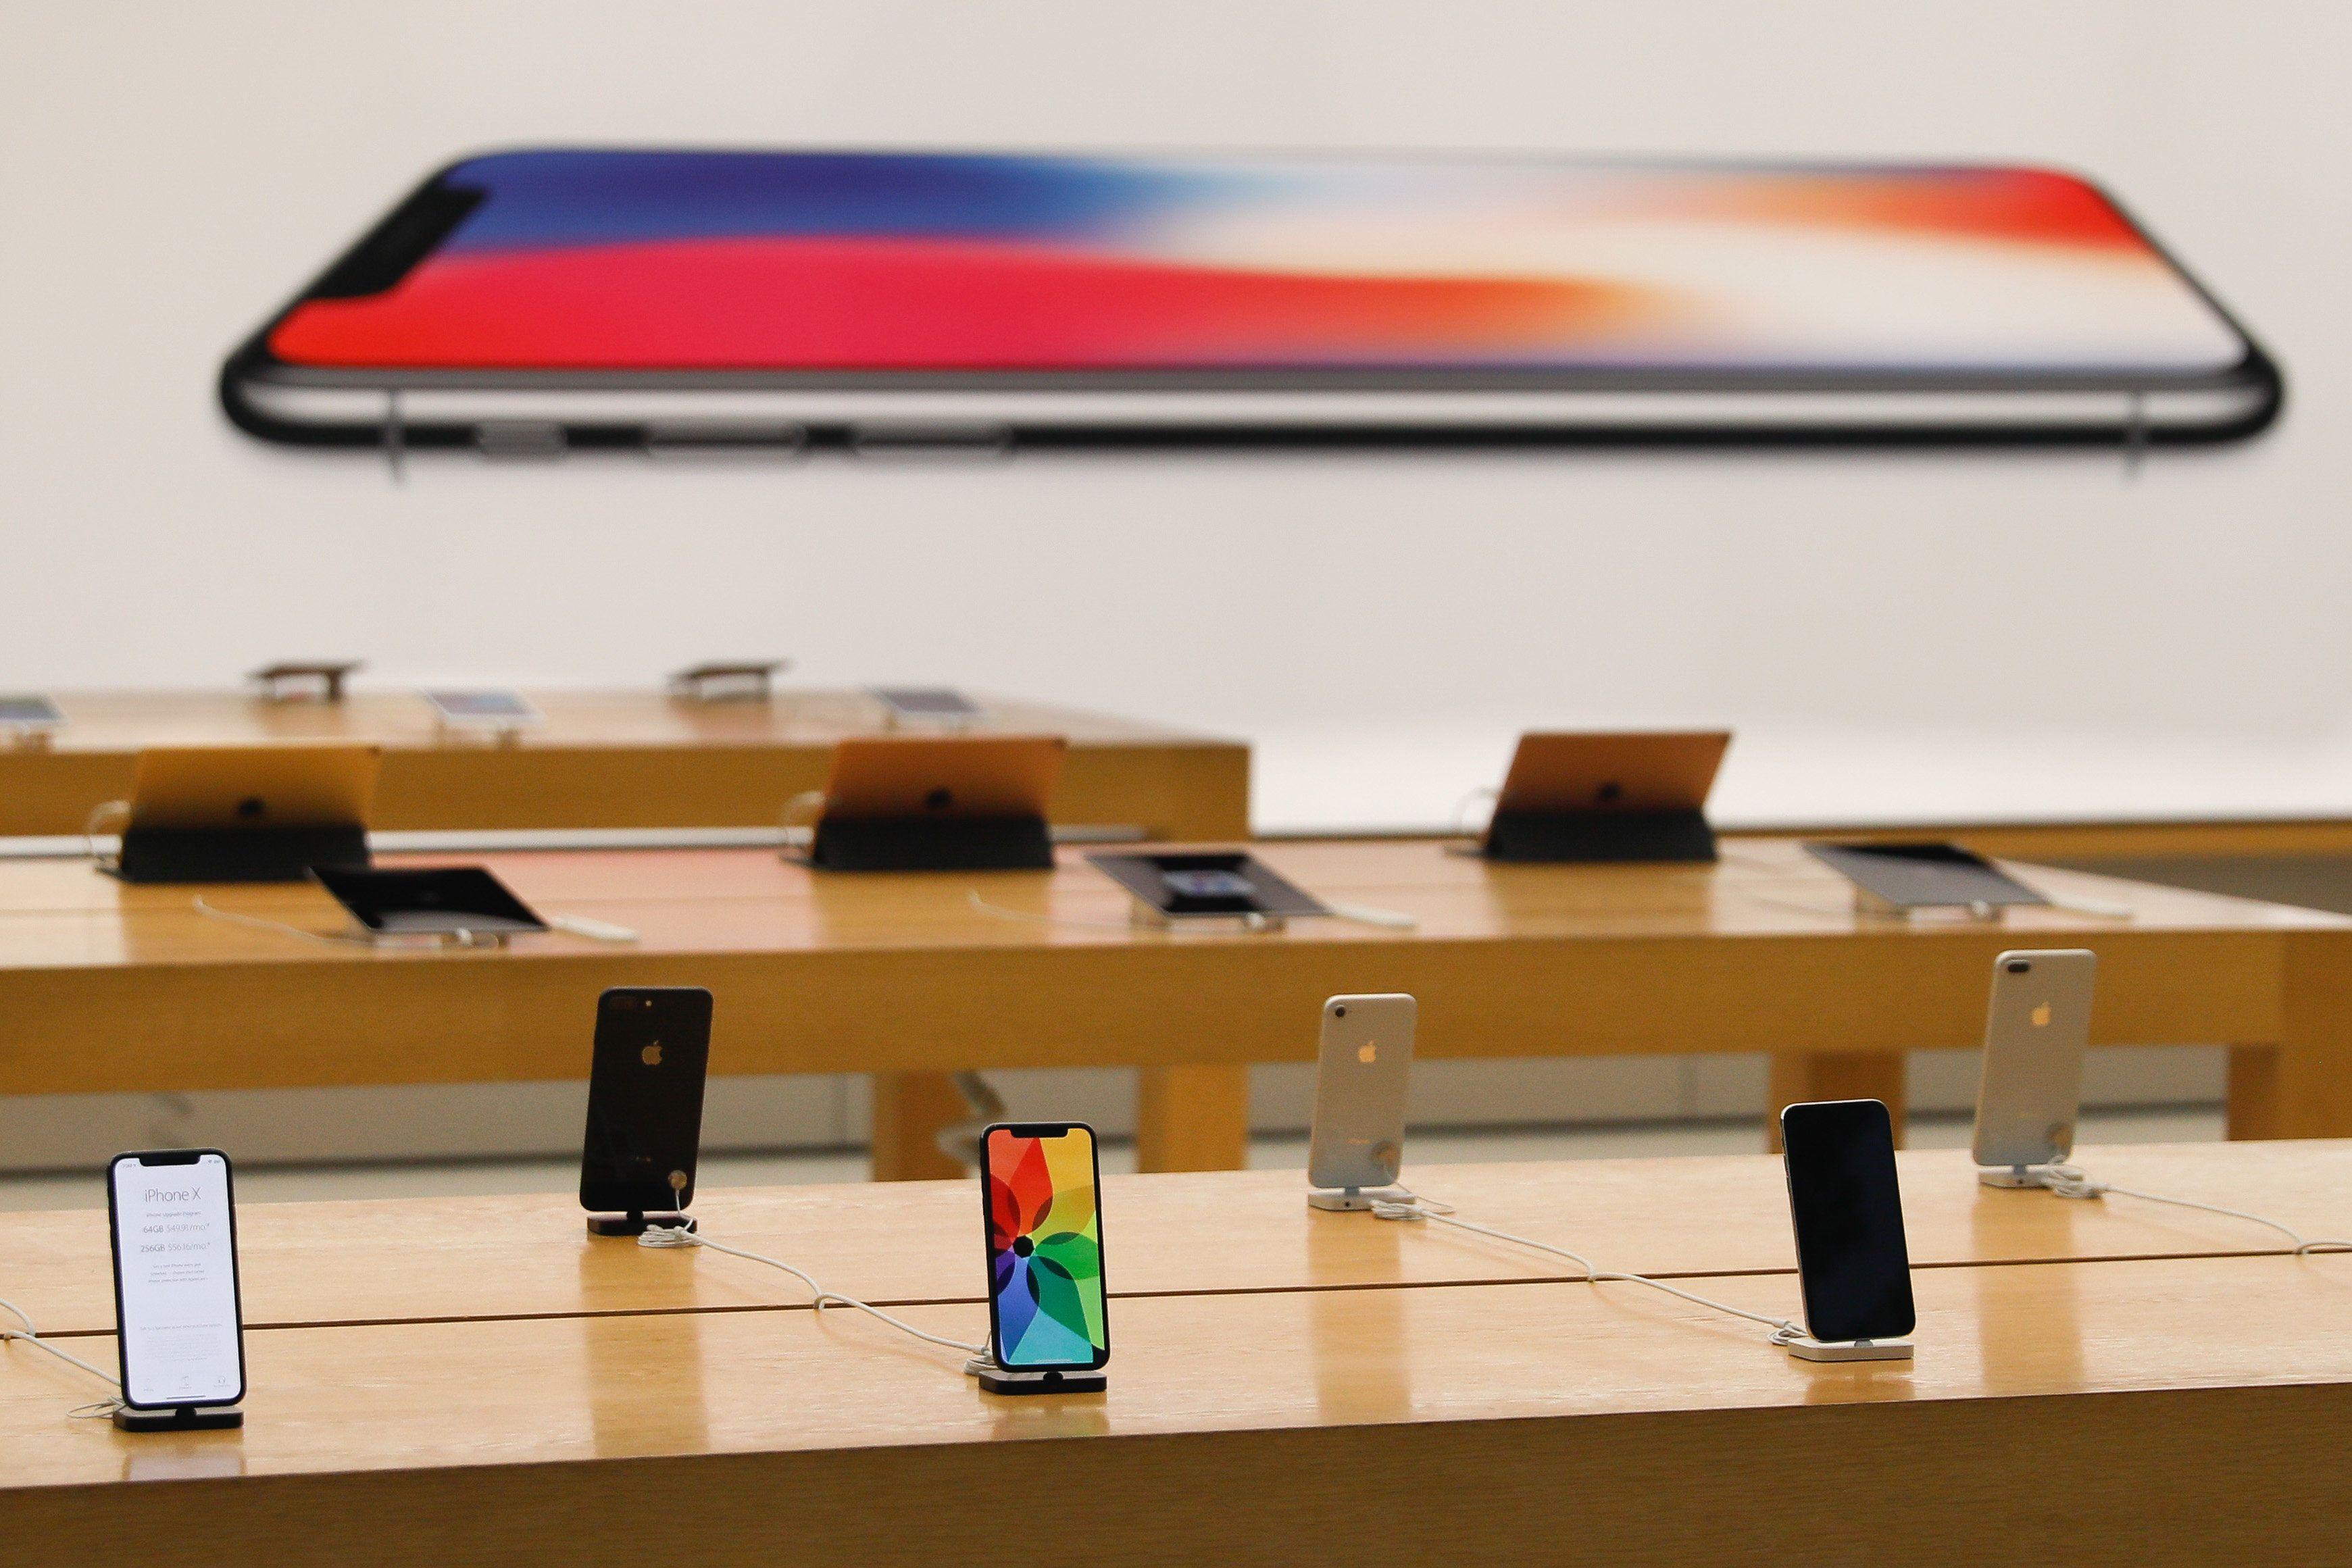 iPhone XS et Apple Watch Series 4 dévoilés en photos par une fuite, quelques jours avant la présentation